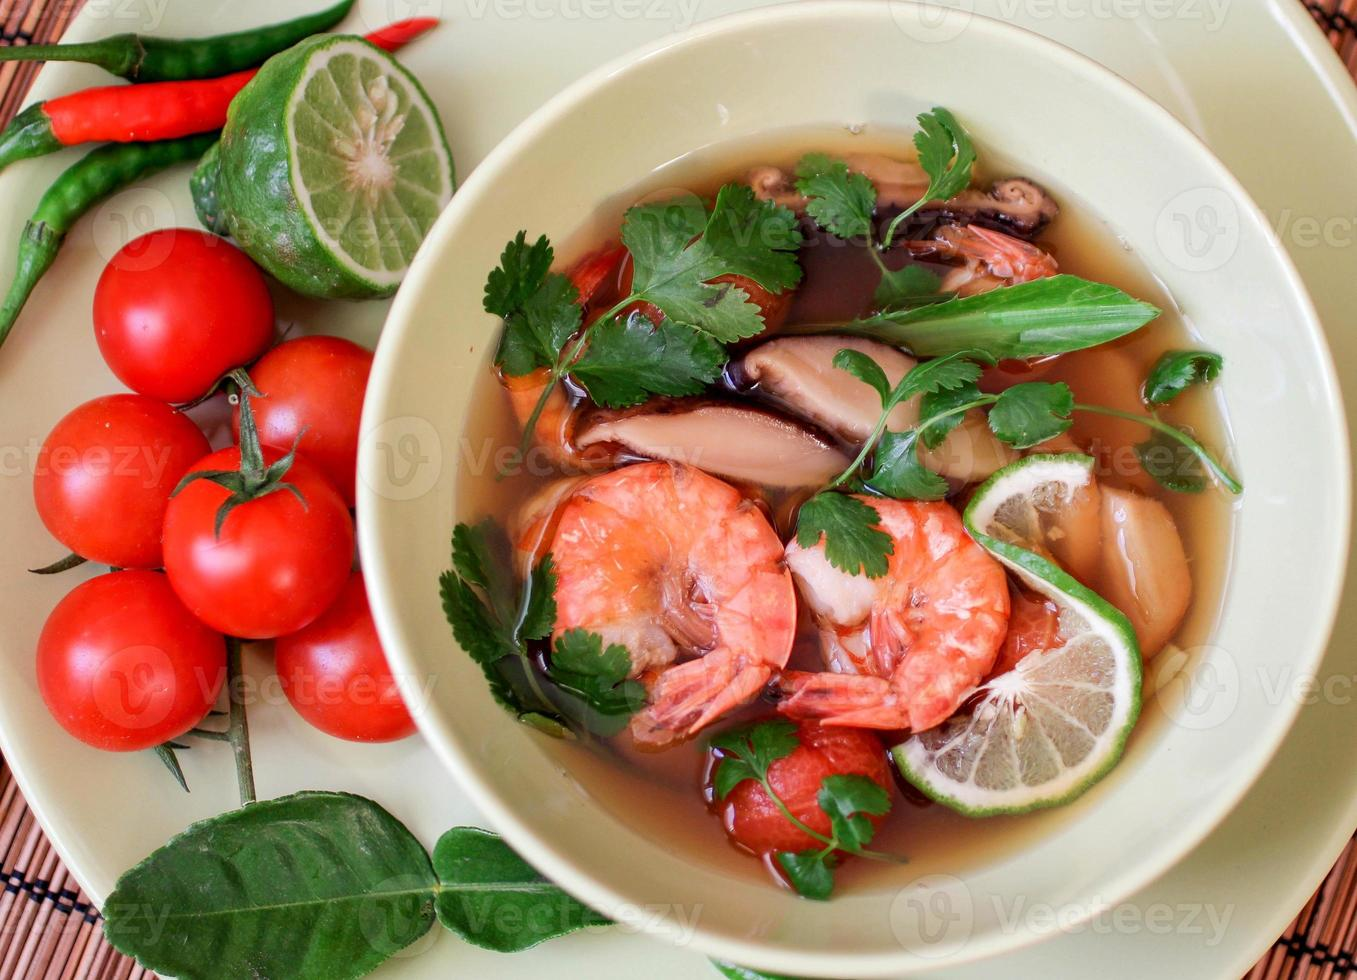 zuppa piccante tradizionale tailandese di Tom Yam foto